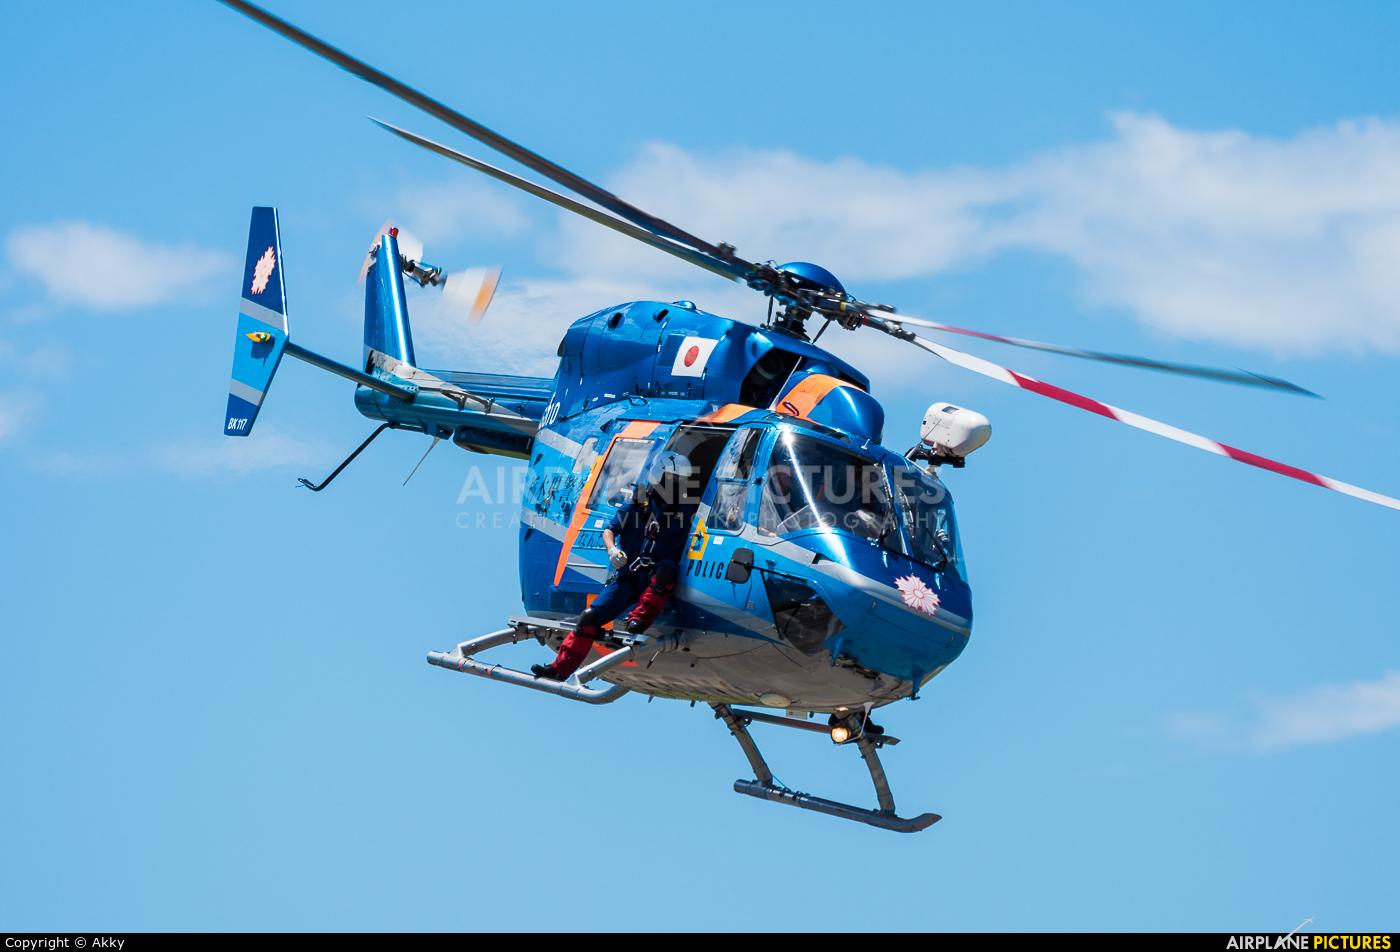 Japan - Police JA6810 aircraft at Utunomiya